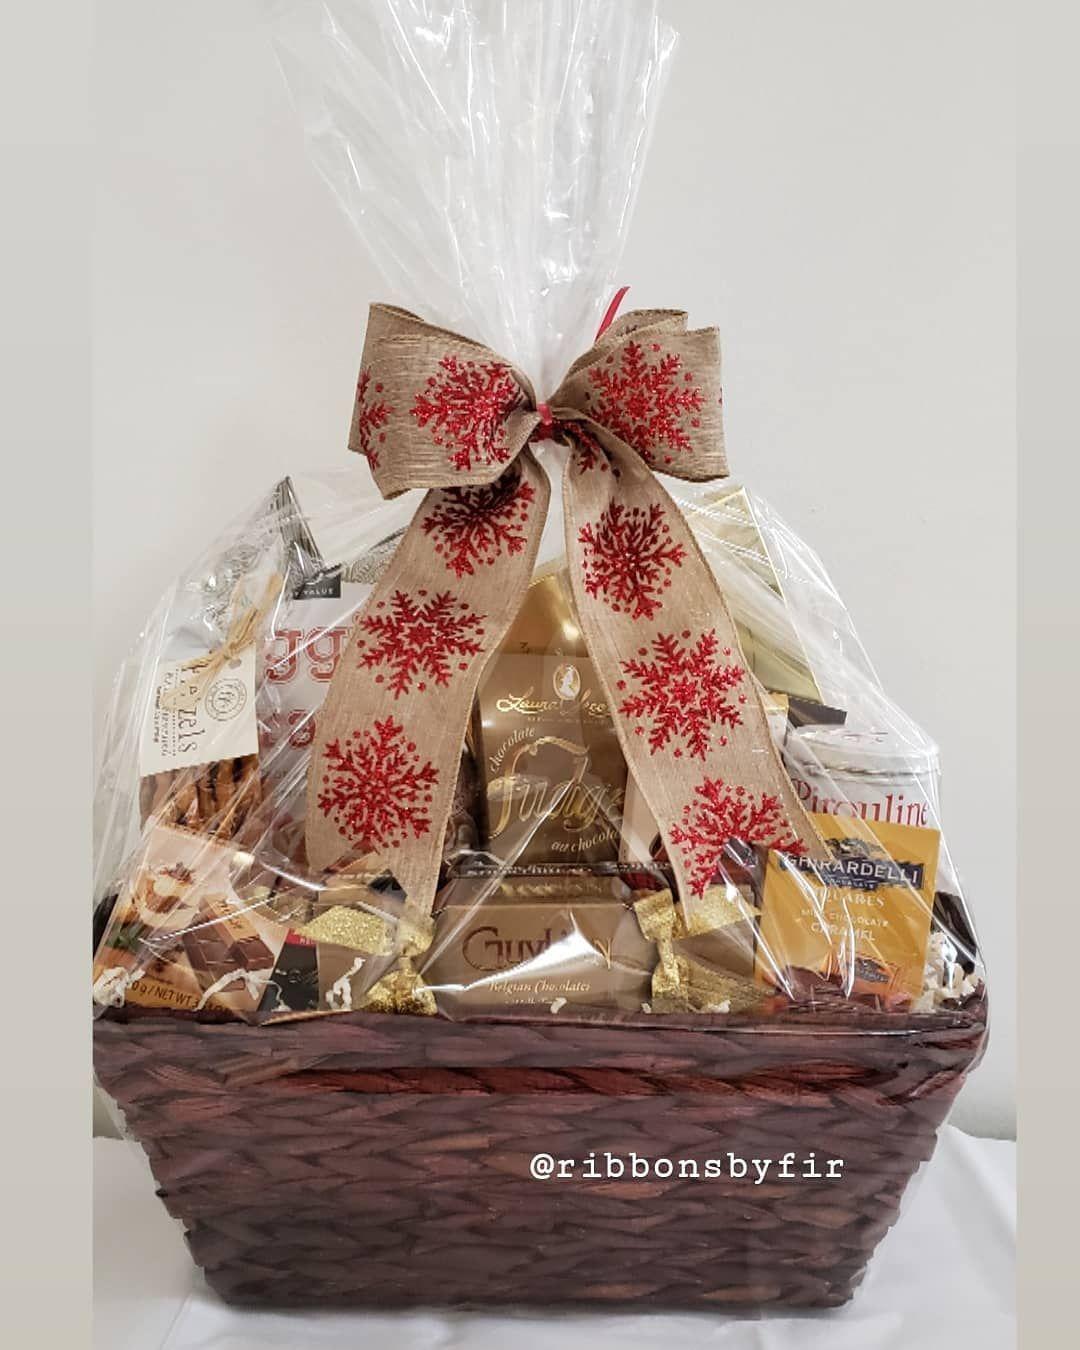 Final set of baskets delivered this week! 🎀 #ribbonsbyfir